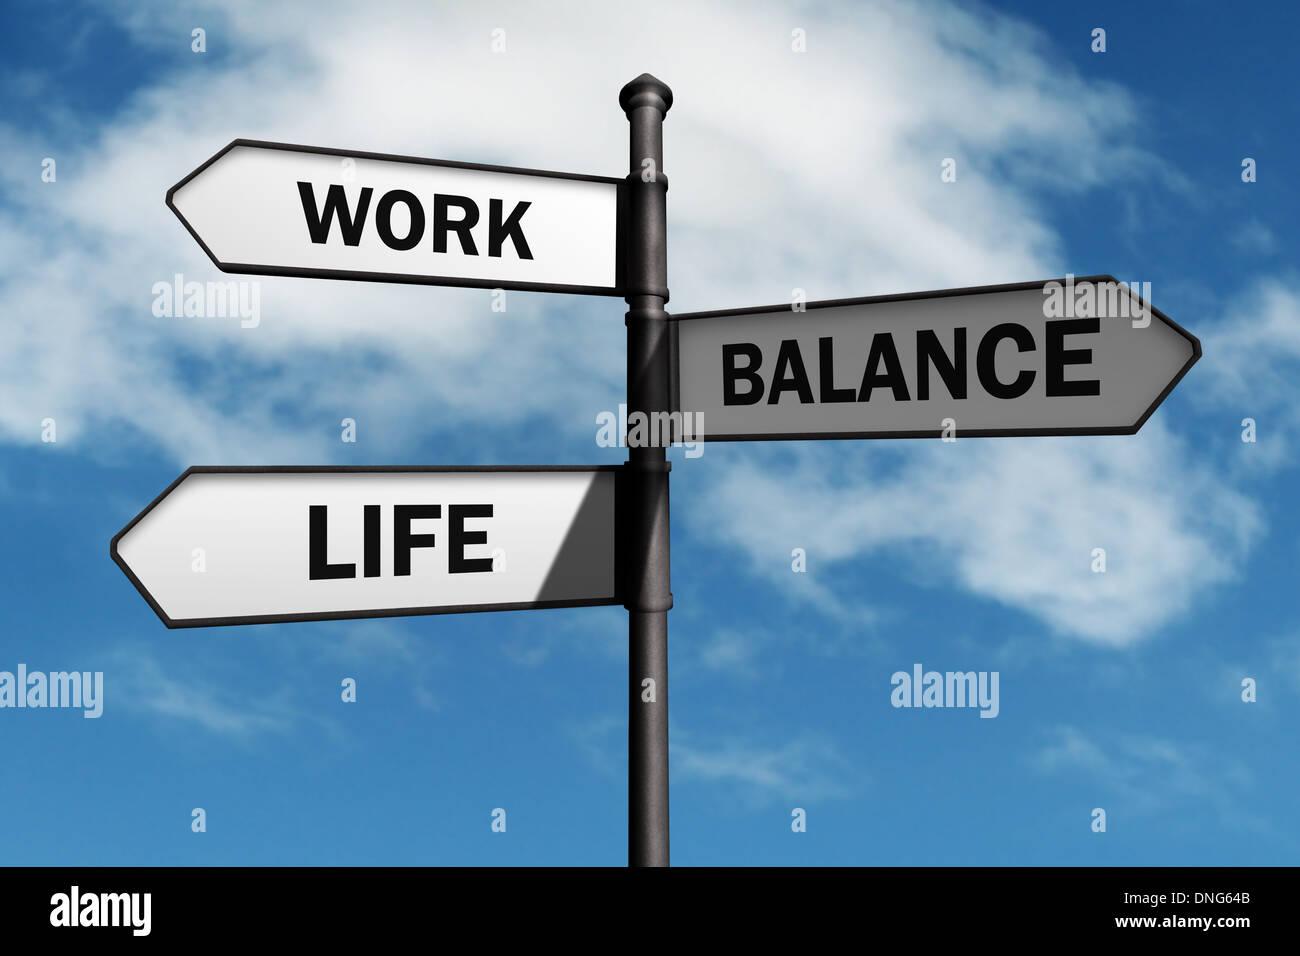 Choix entre travail et vie personnelle Photo Stock